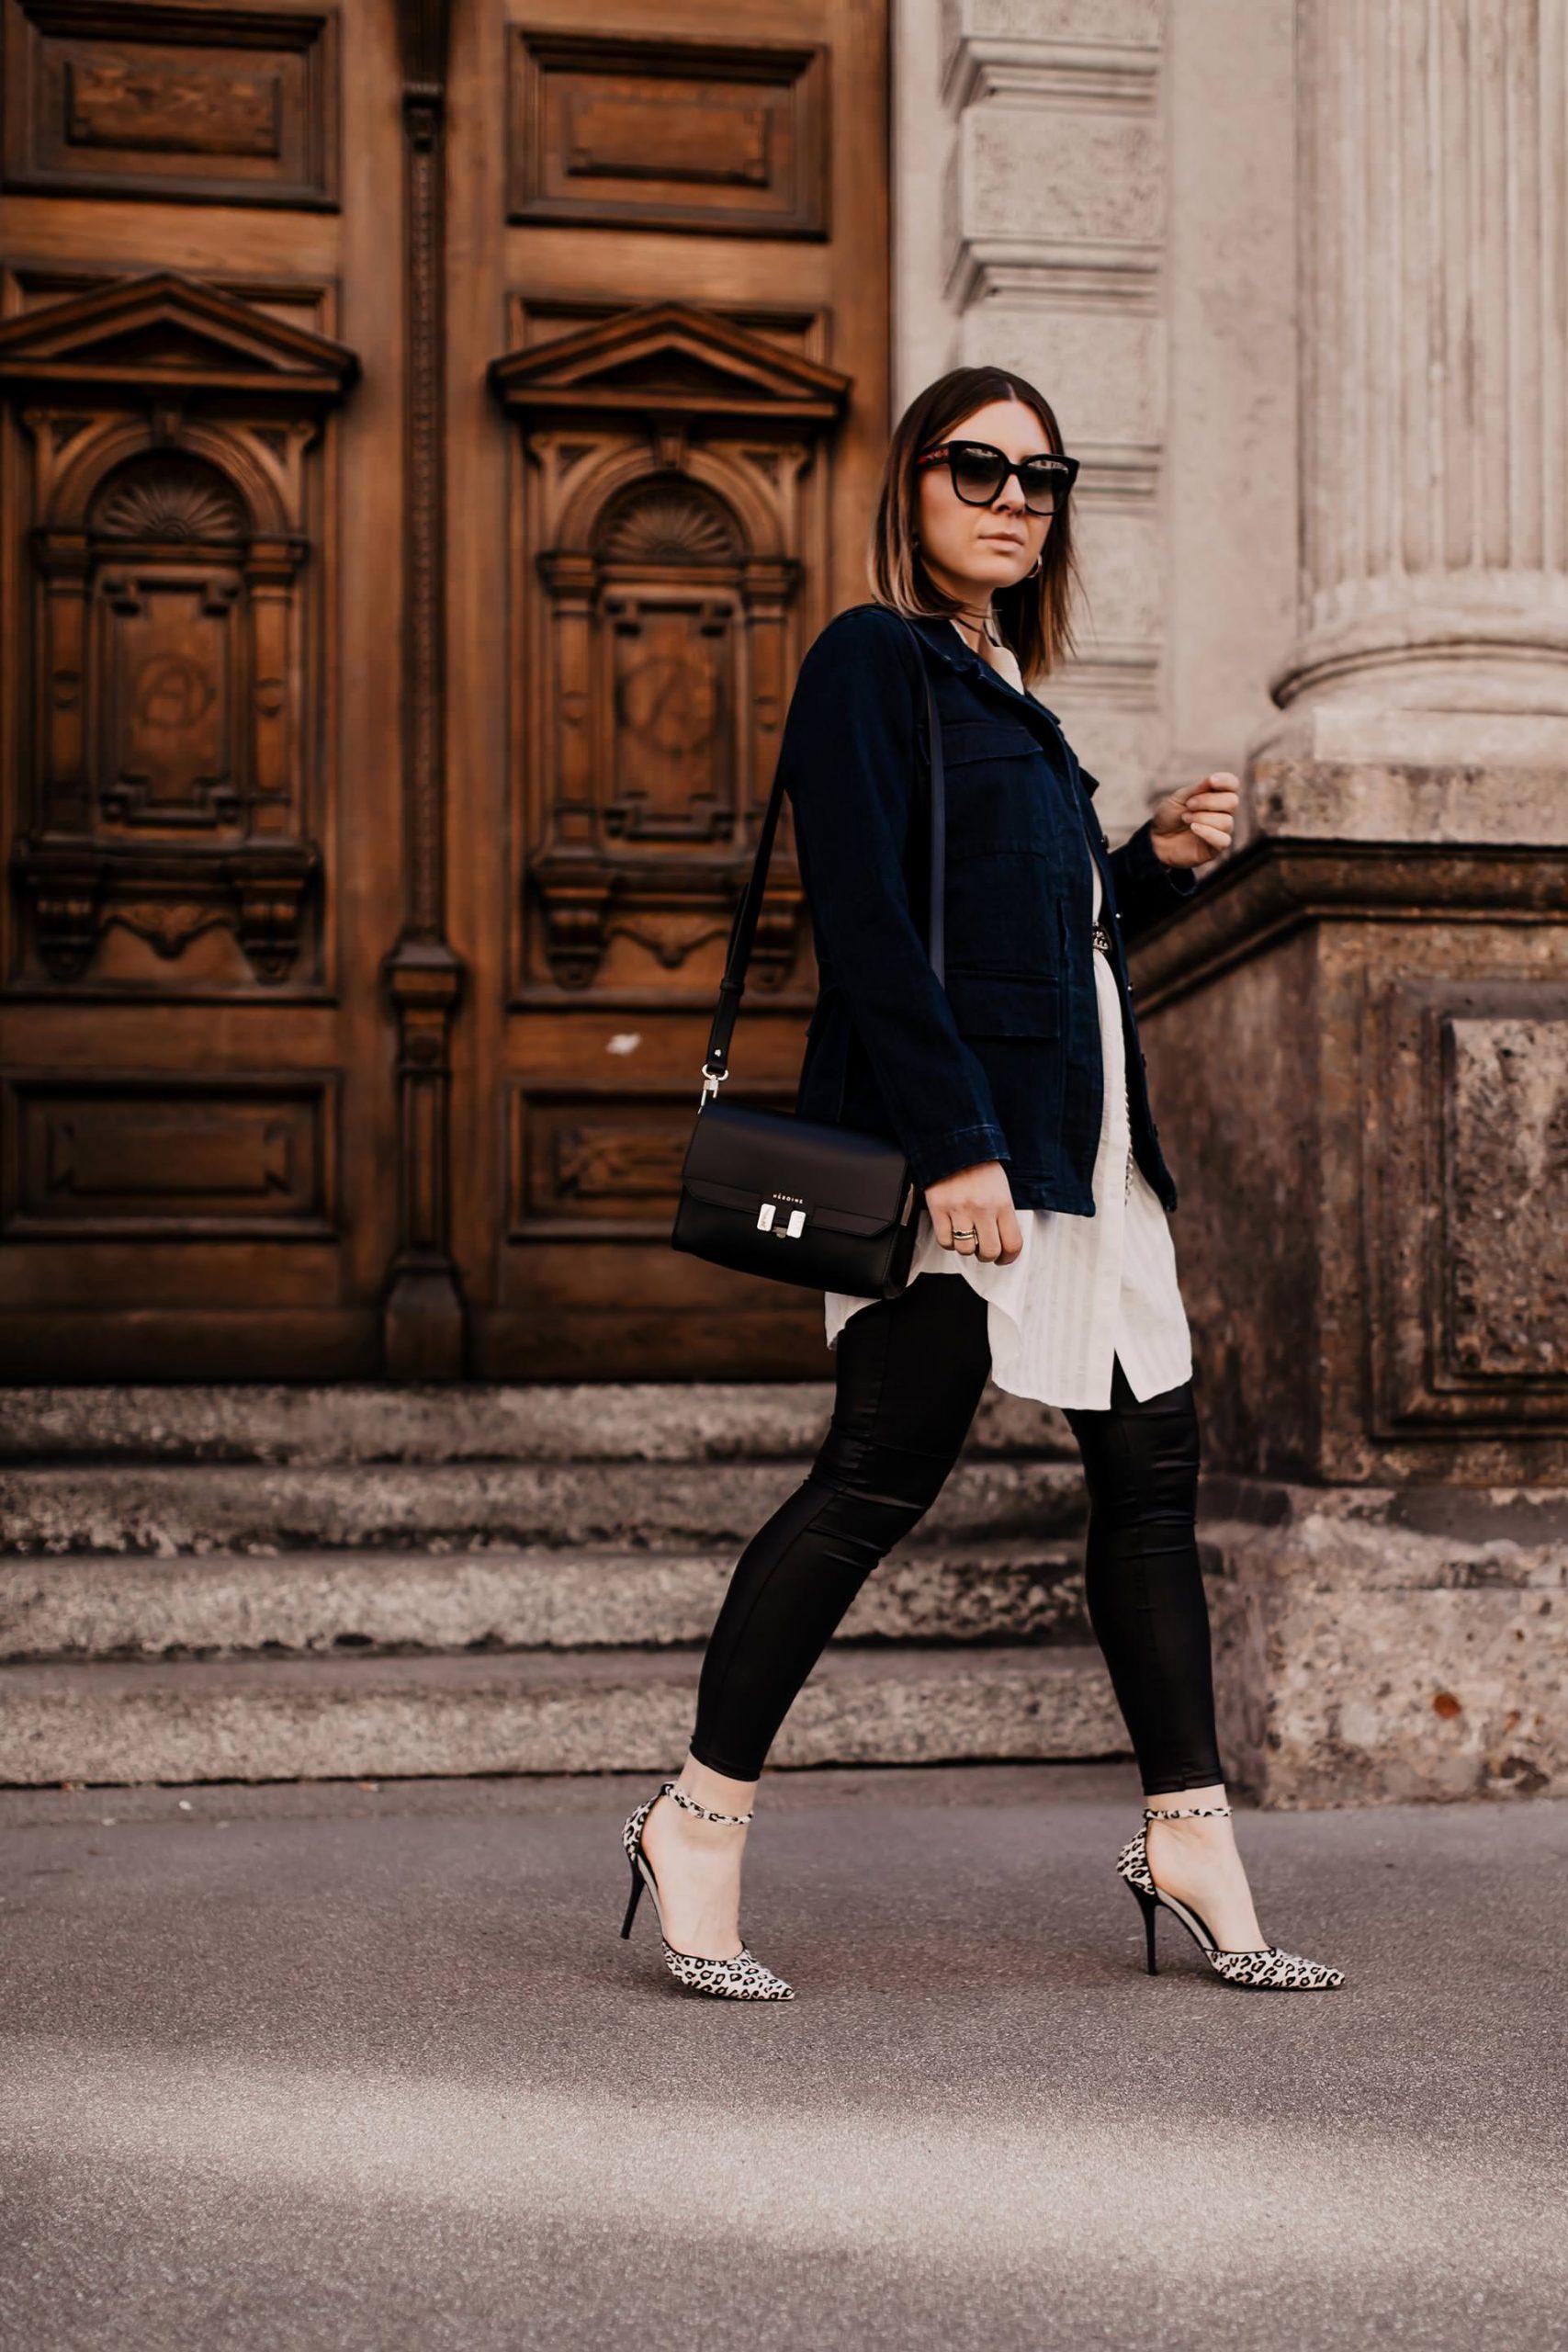 Eine Maison Héroïne Tasche stand schon lange auf meiner Mode-Wunschliste. Hochwertige Taschen peppen jeden Basic-Look auf, das steht ganz klar fest! Heute stelle ich dir meine elegante und praktische Cross-Body-Bag vor. www.whoismocca.com #maisonheroine #crossbodybag #frühlingsoutfit